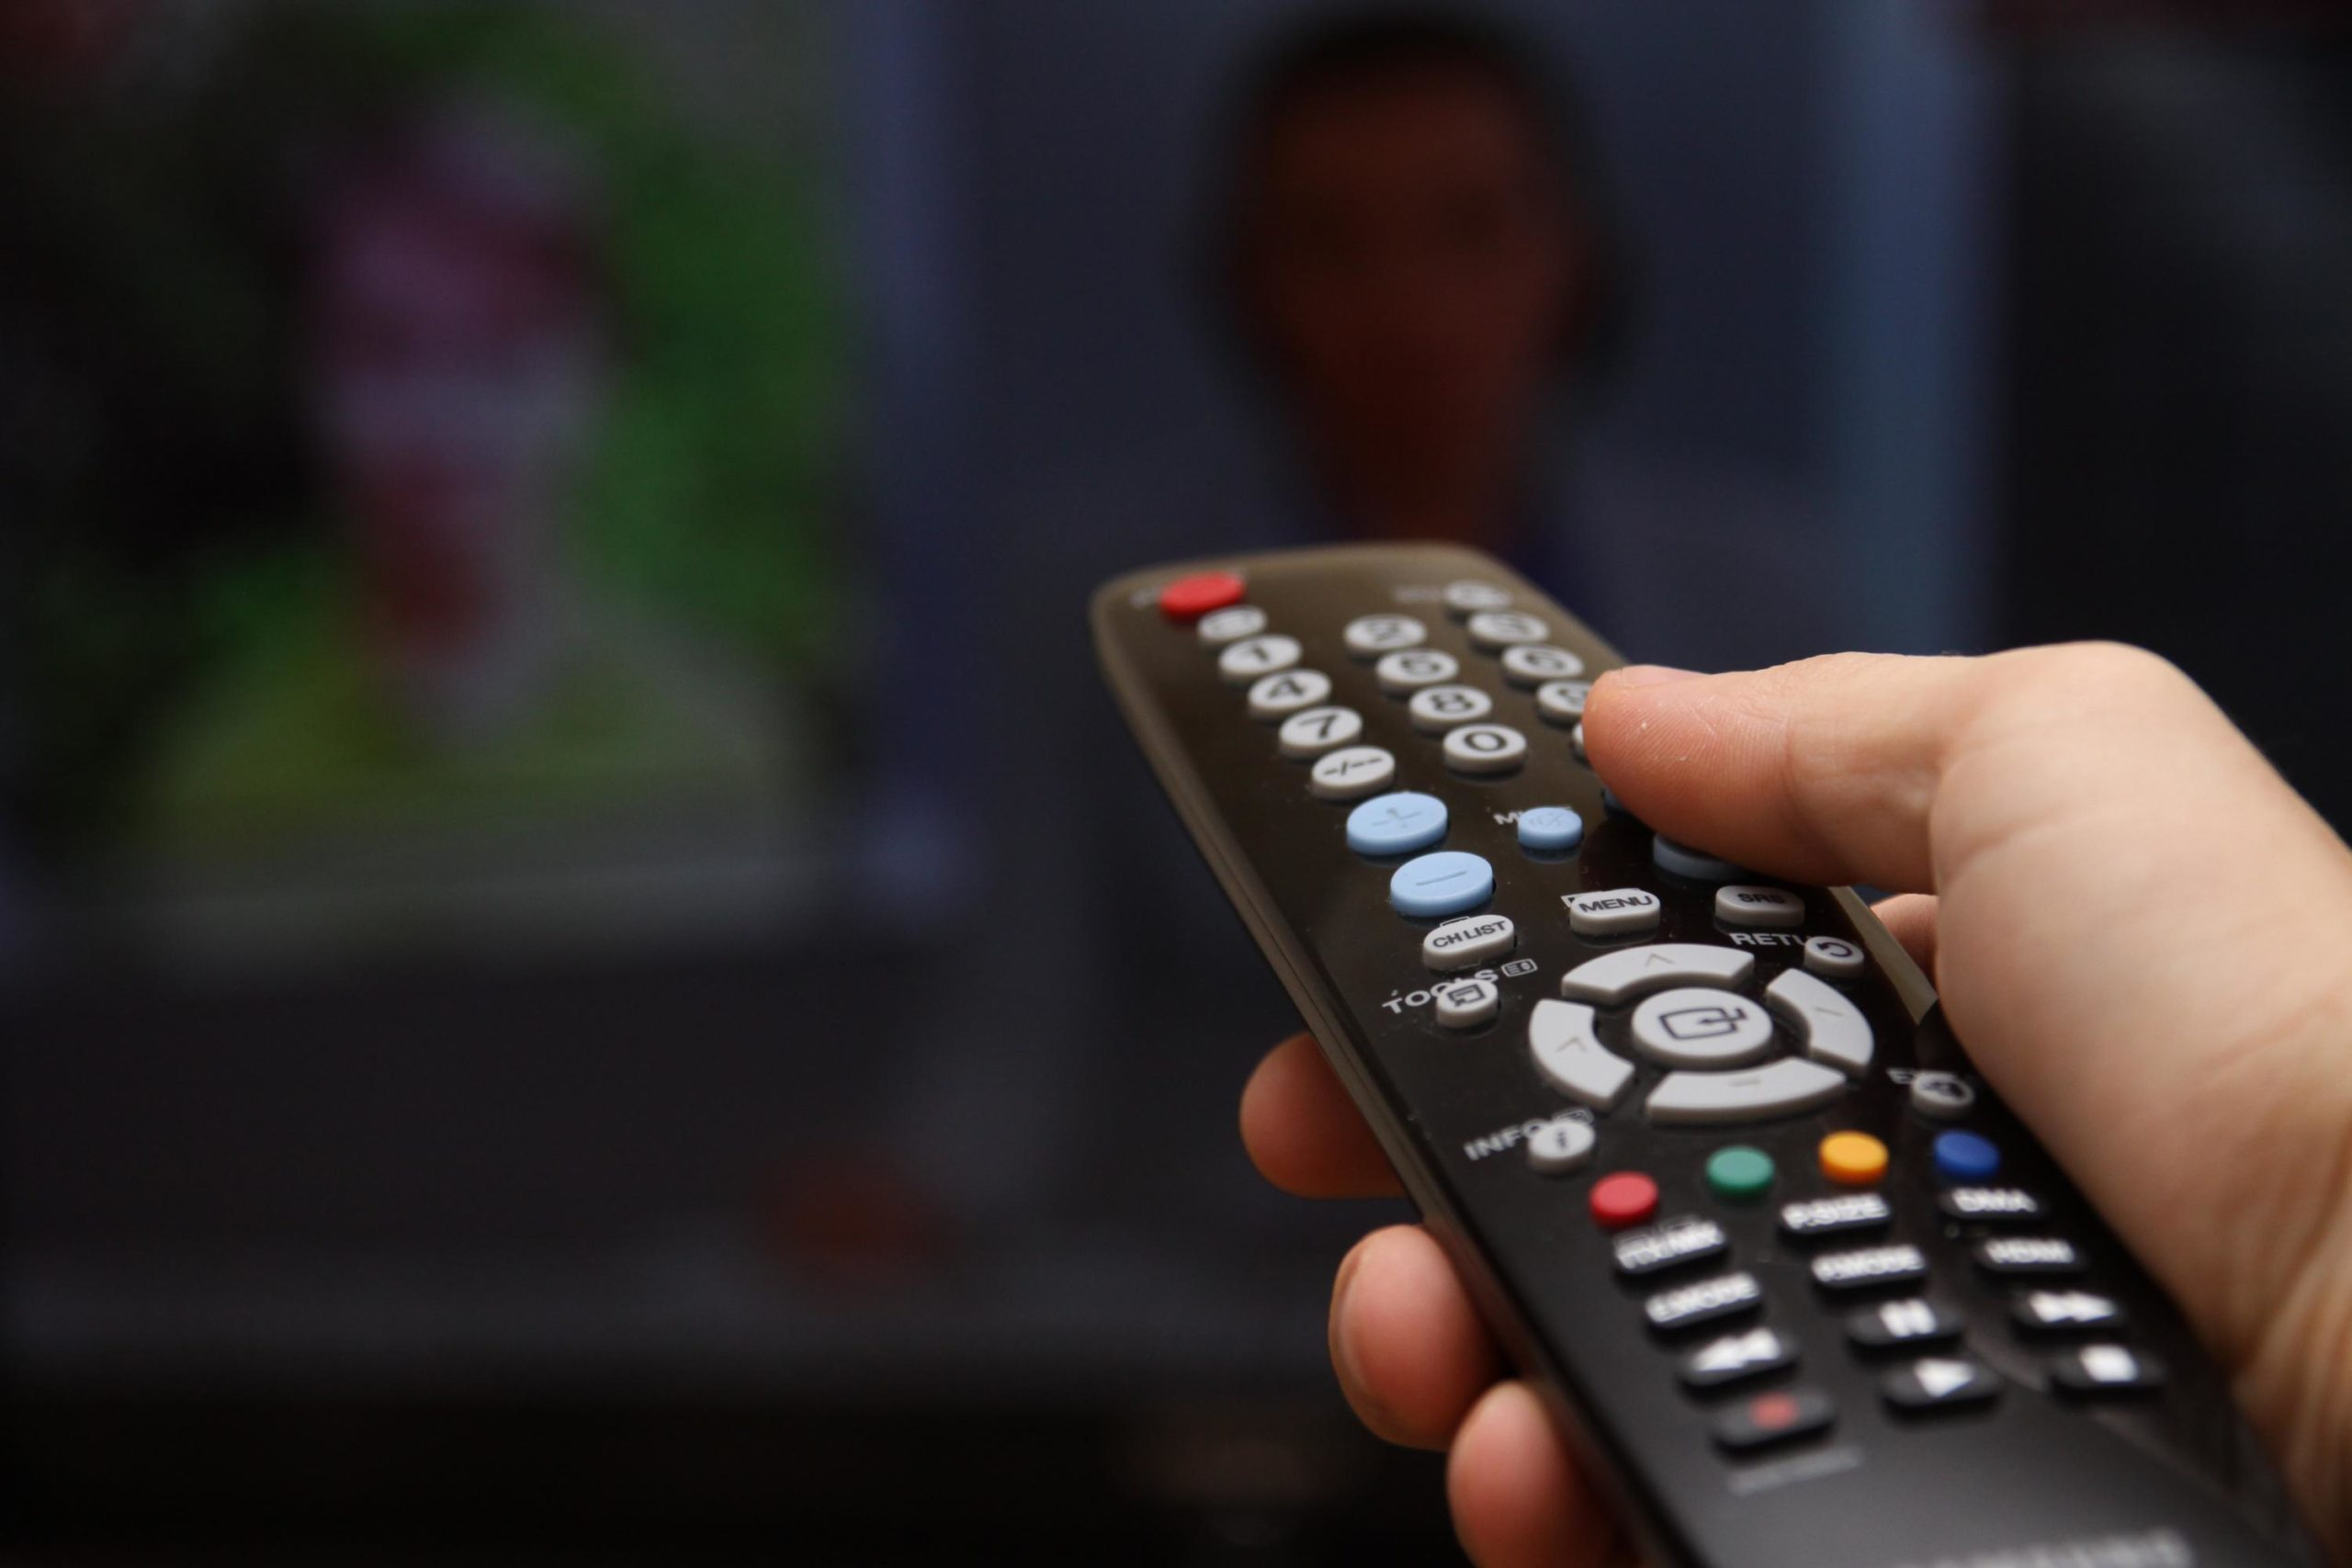 Рейтинг лучших универсальных TV-пультов дистанционного управления в 2021 году